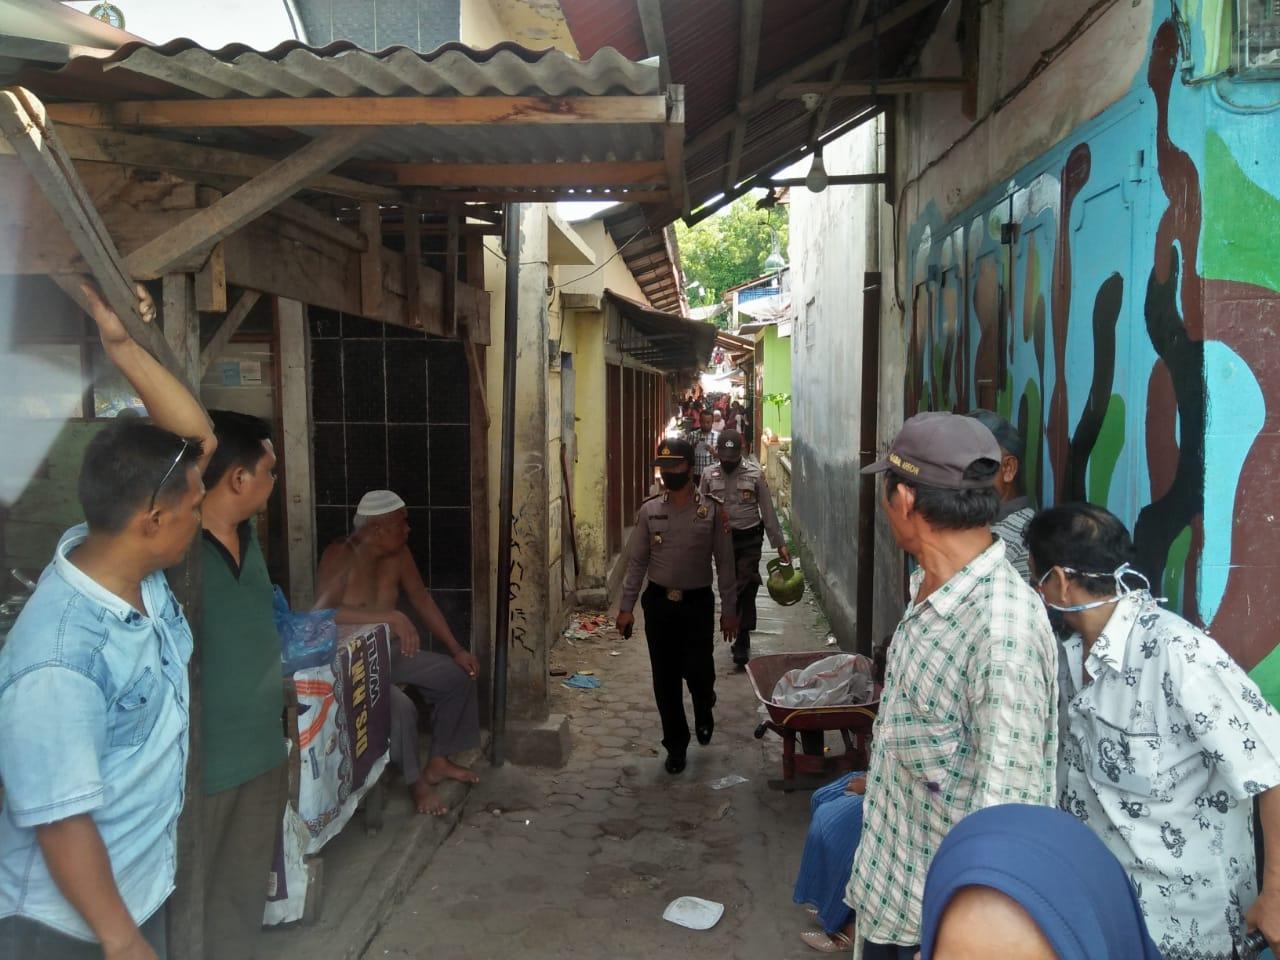 Dua personel polisi saat mendatangi lokasi kejadian remaja terbakar. Foto: Rakyatsumut.com/ Rommi Pasaribu